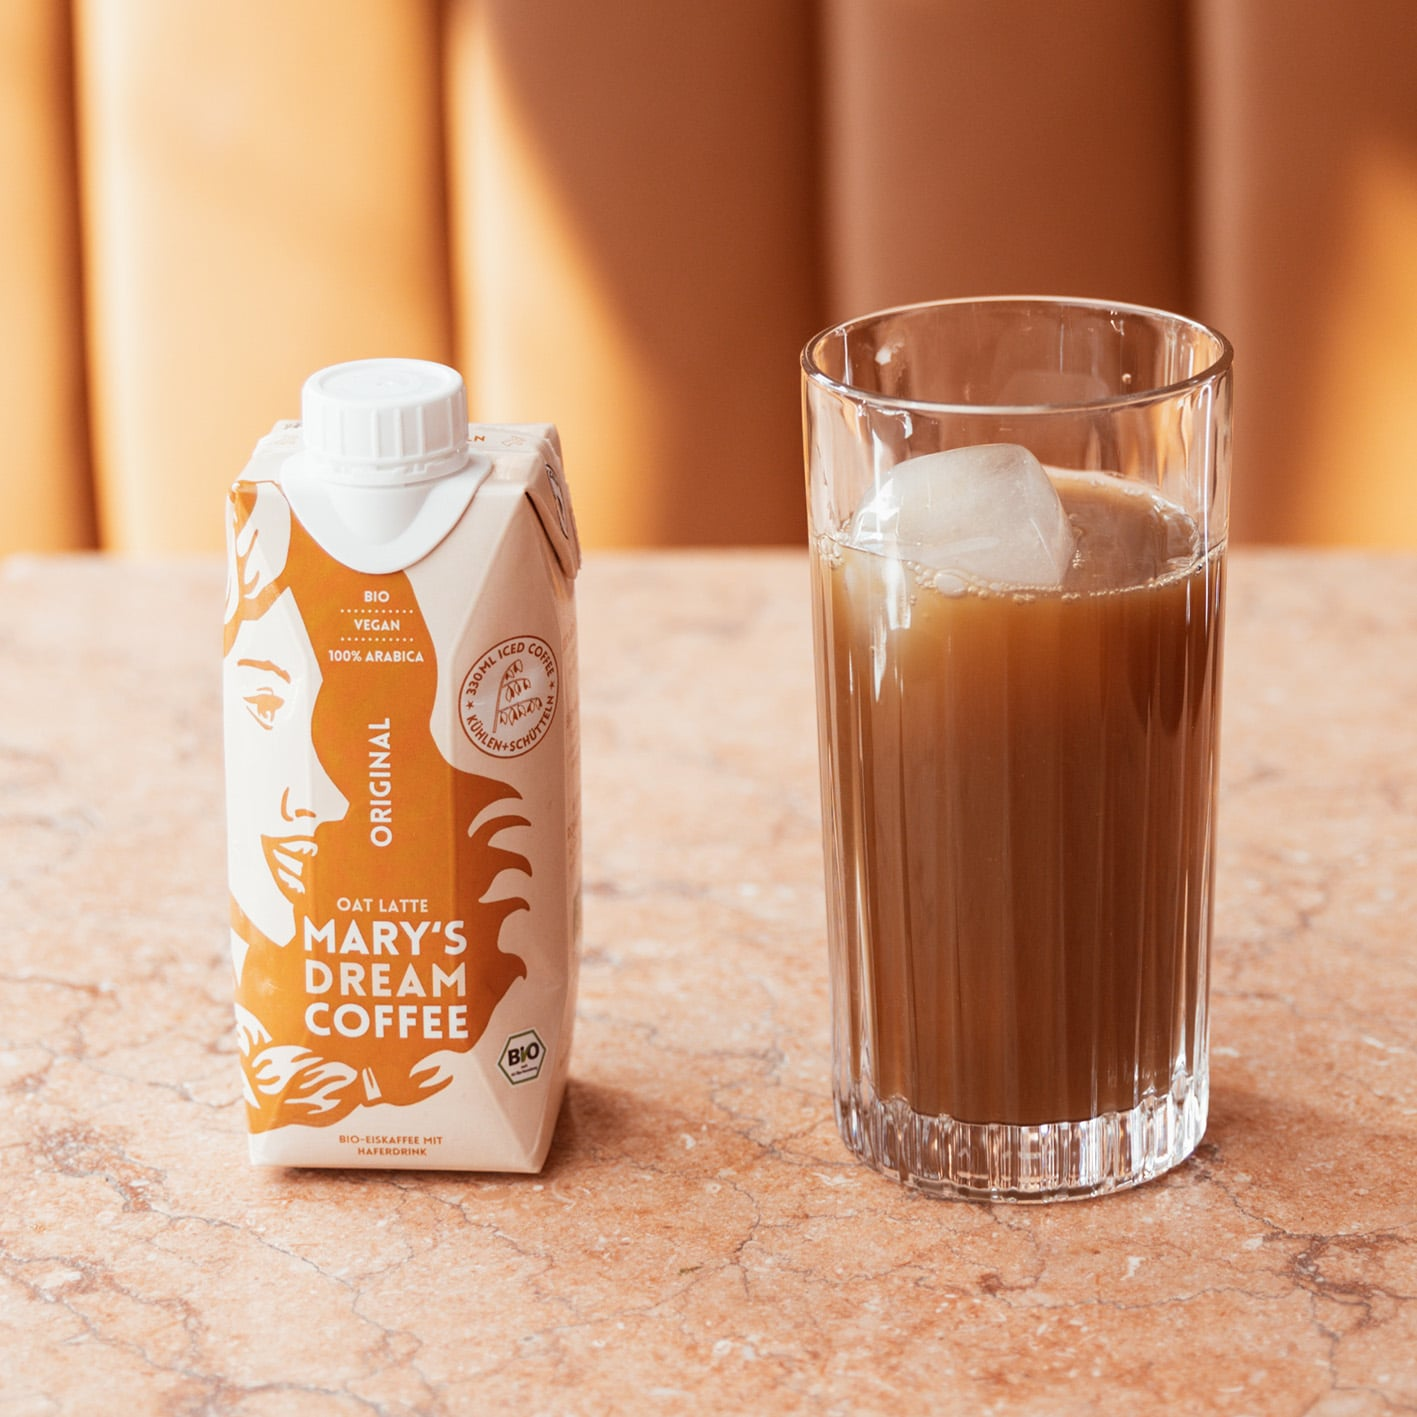 Marys Coffee Dream Oat Latte BIO   20x 20 ml bei REWE online ...